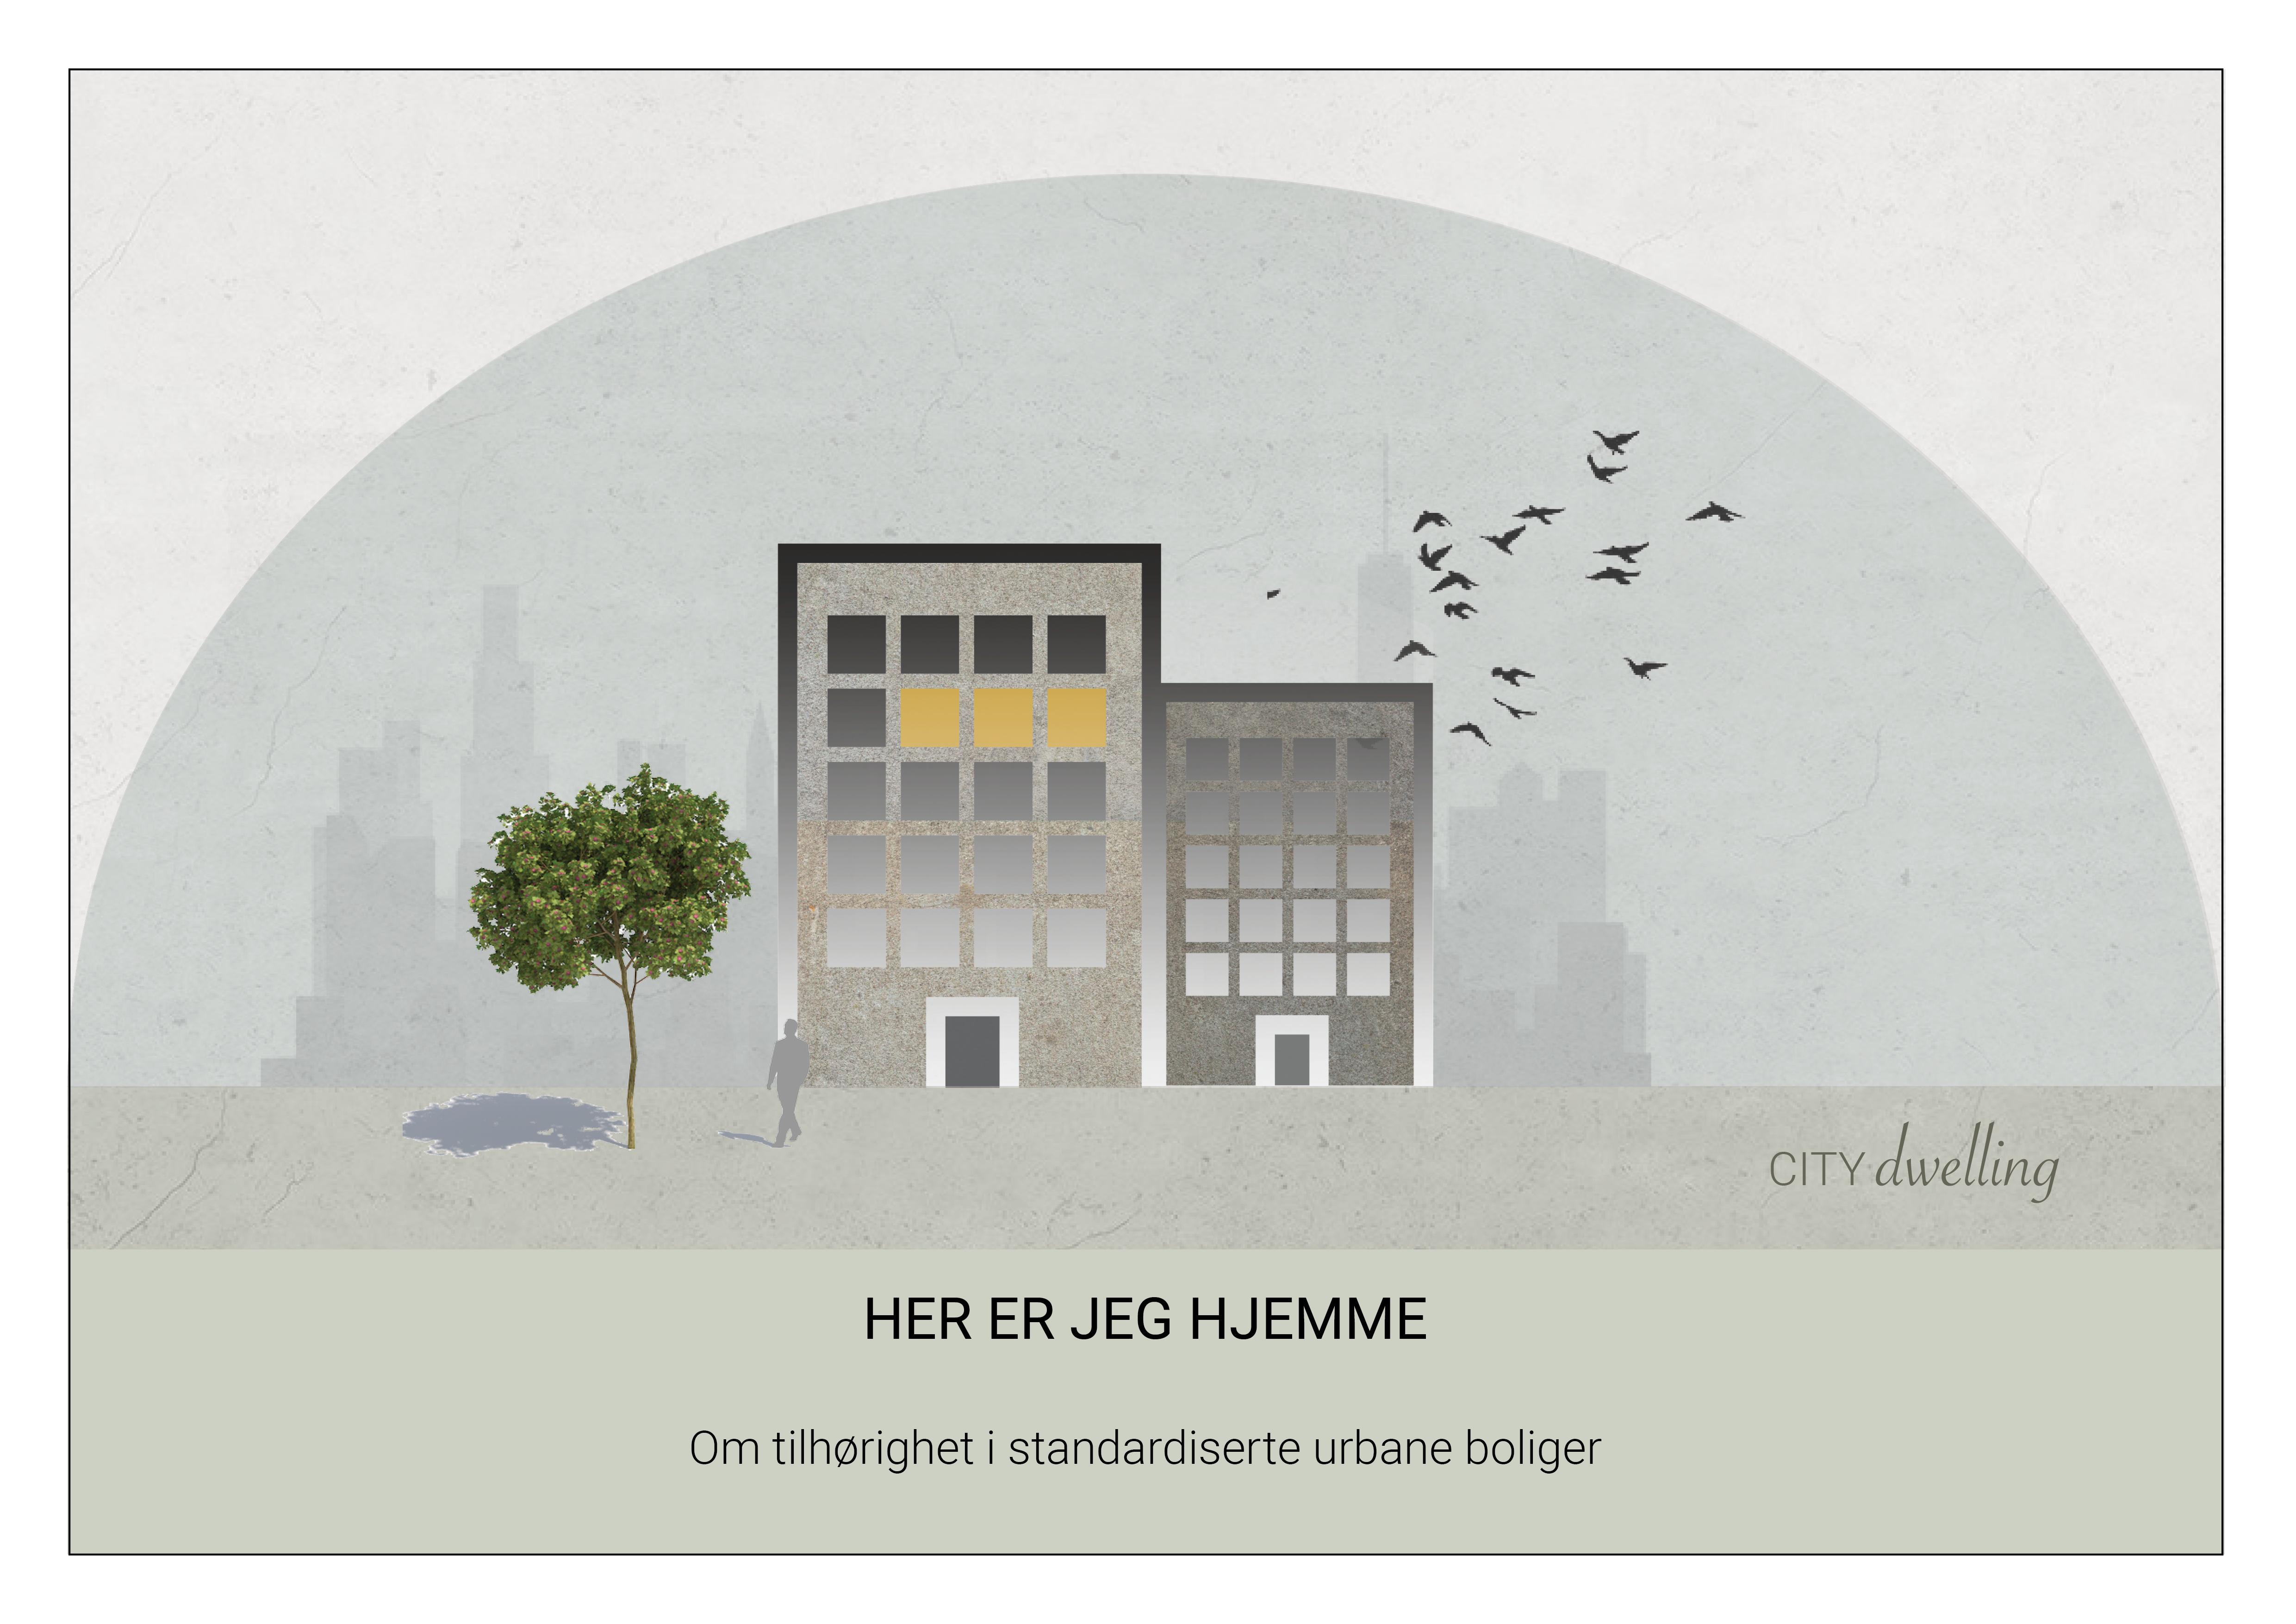 Westerdals Institutt for Kommunikasjon og Design - Her er jeg hjemme